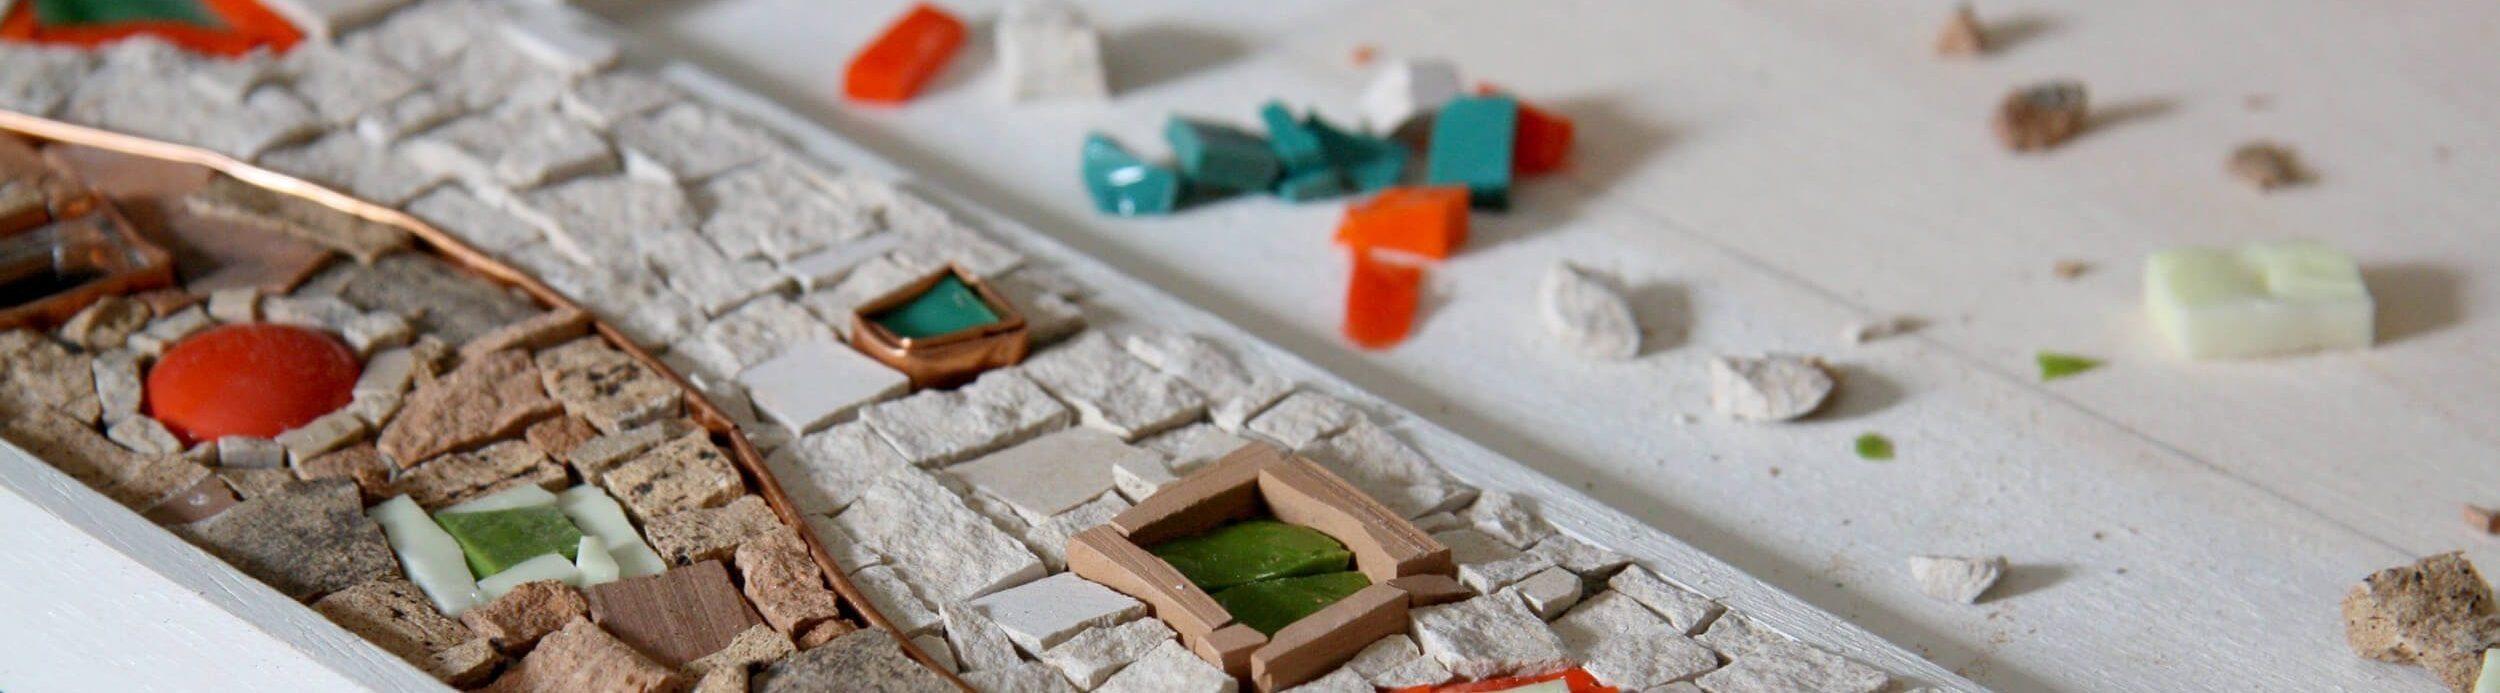 creazioni artigianali in mosaico